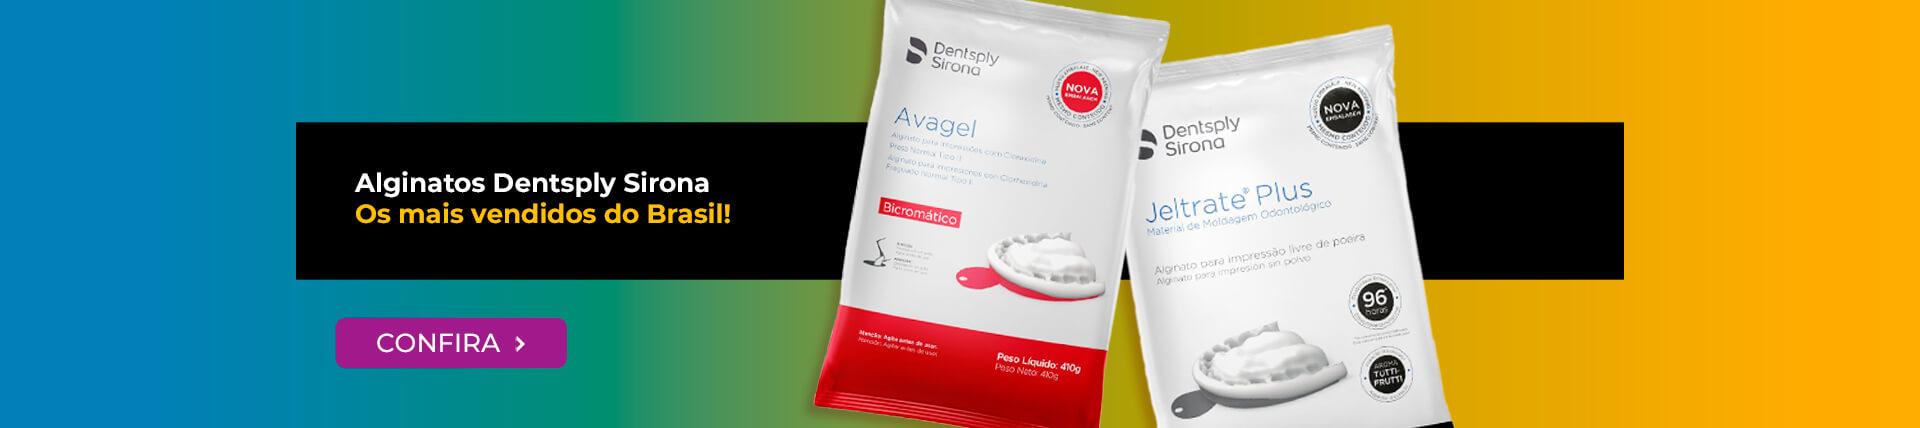 Alginatos Dentsply Sirona com os melhores preços na Dental Cremer